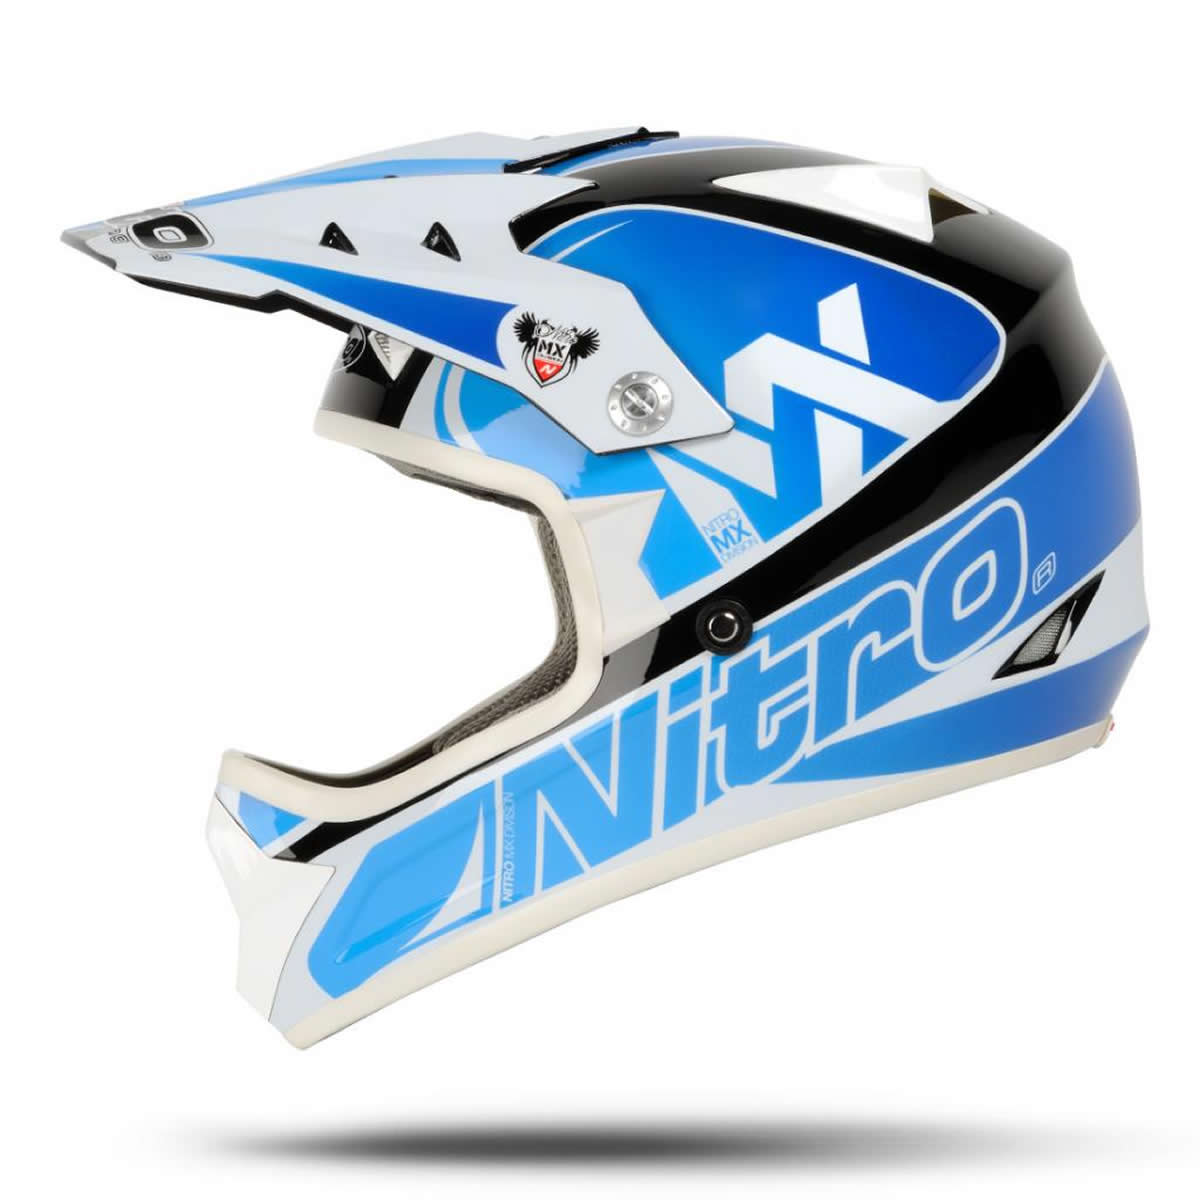 Motocross nitro est un bon jeu de motocross en 3d 224 jouer en ligne